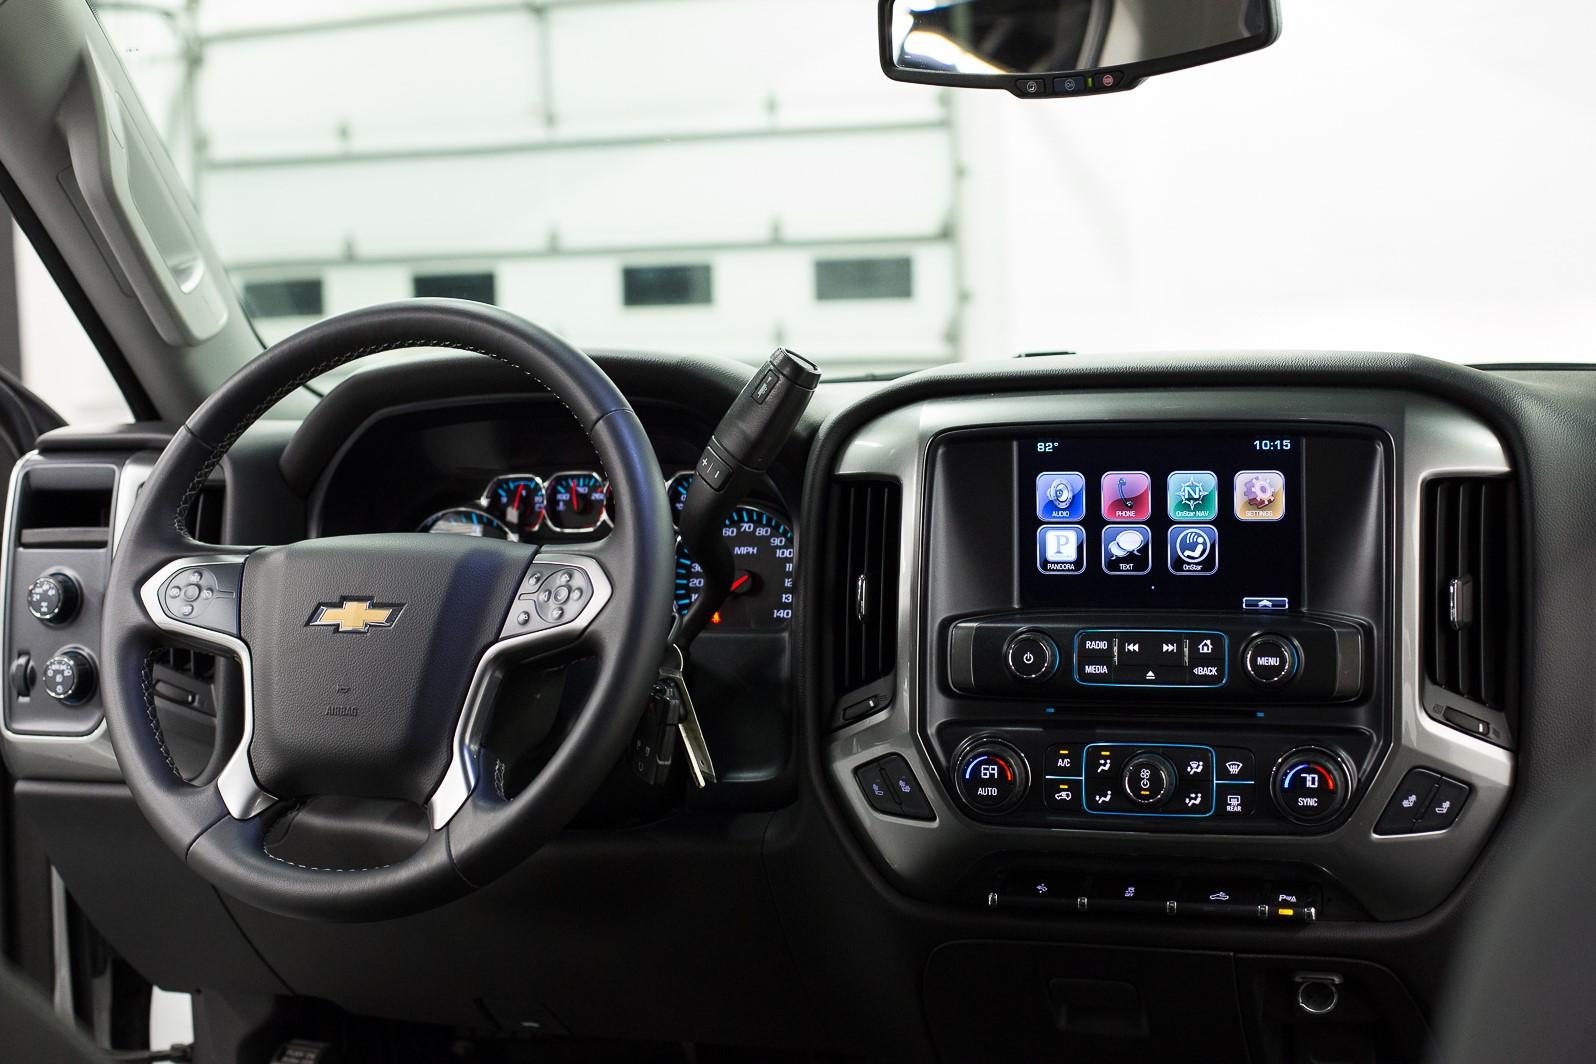 2015 Chevrolet Silverado 1500 LT full